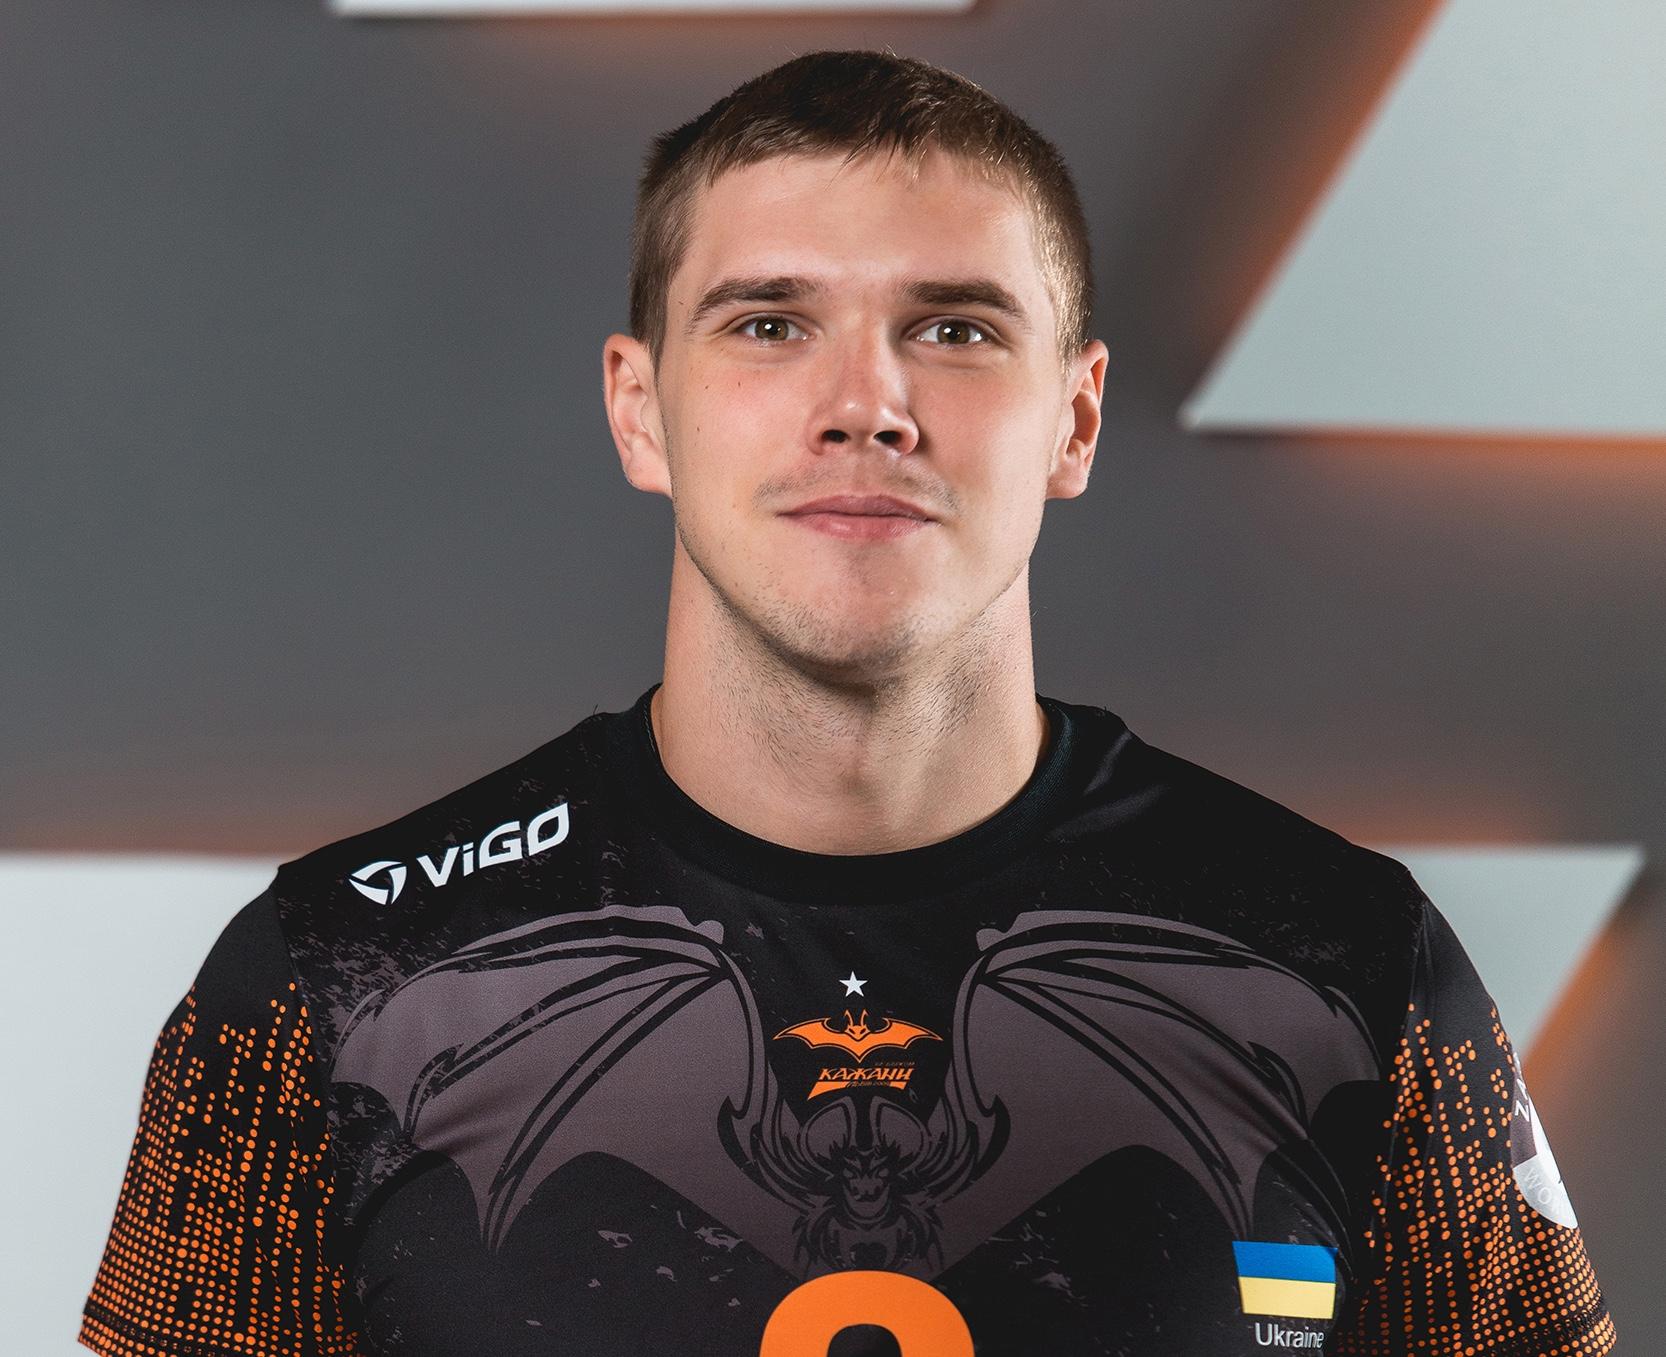 Євстратов Сергій, зв'язуючий: «Крім волейбольної кар'єри ще встиг попрацювати слідчим»